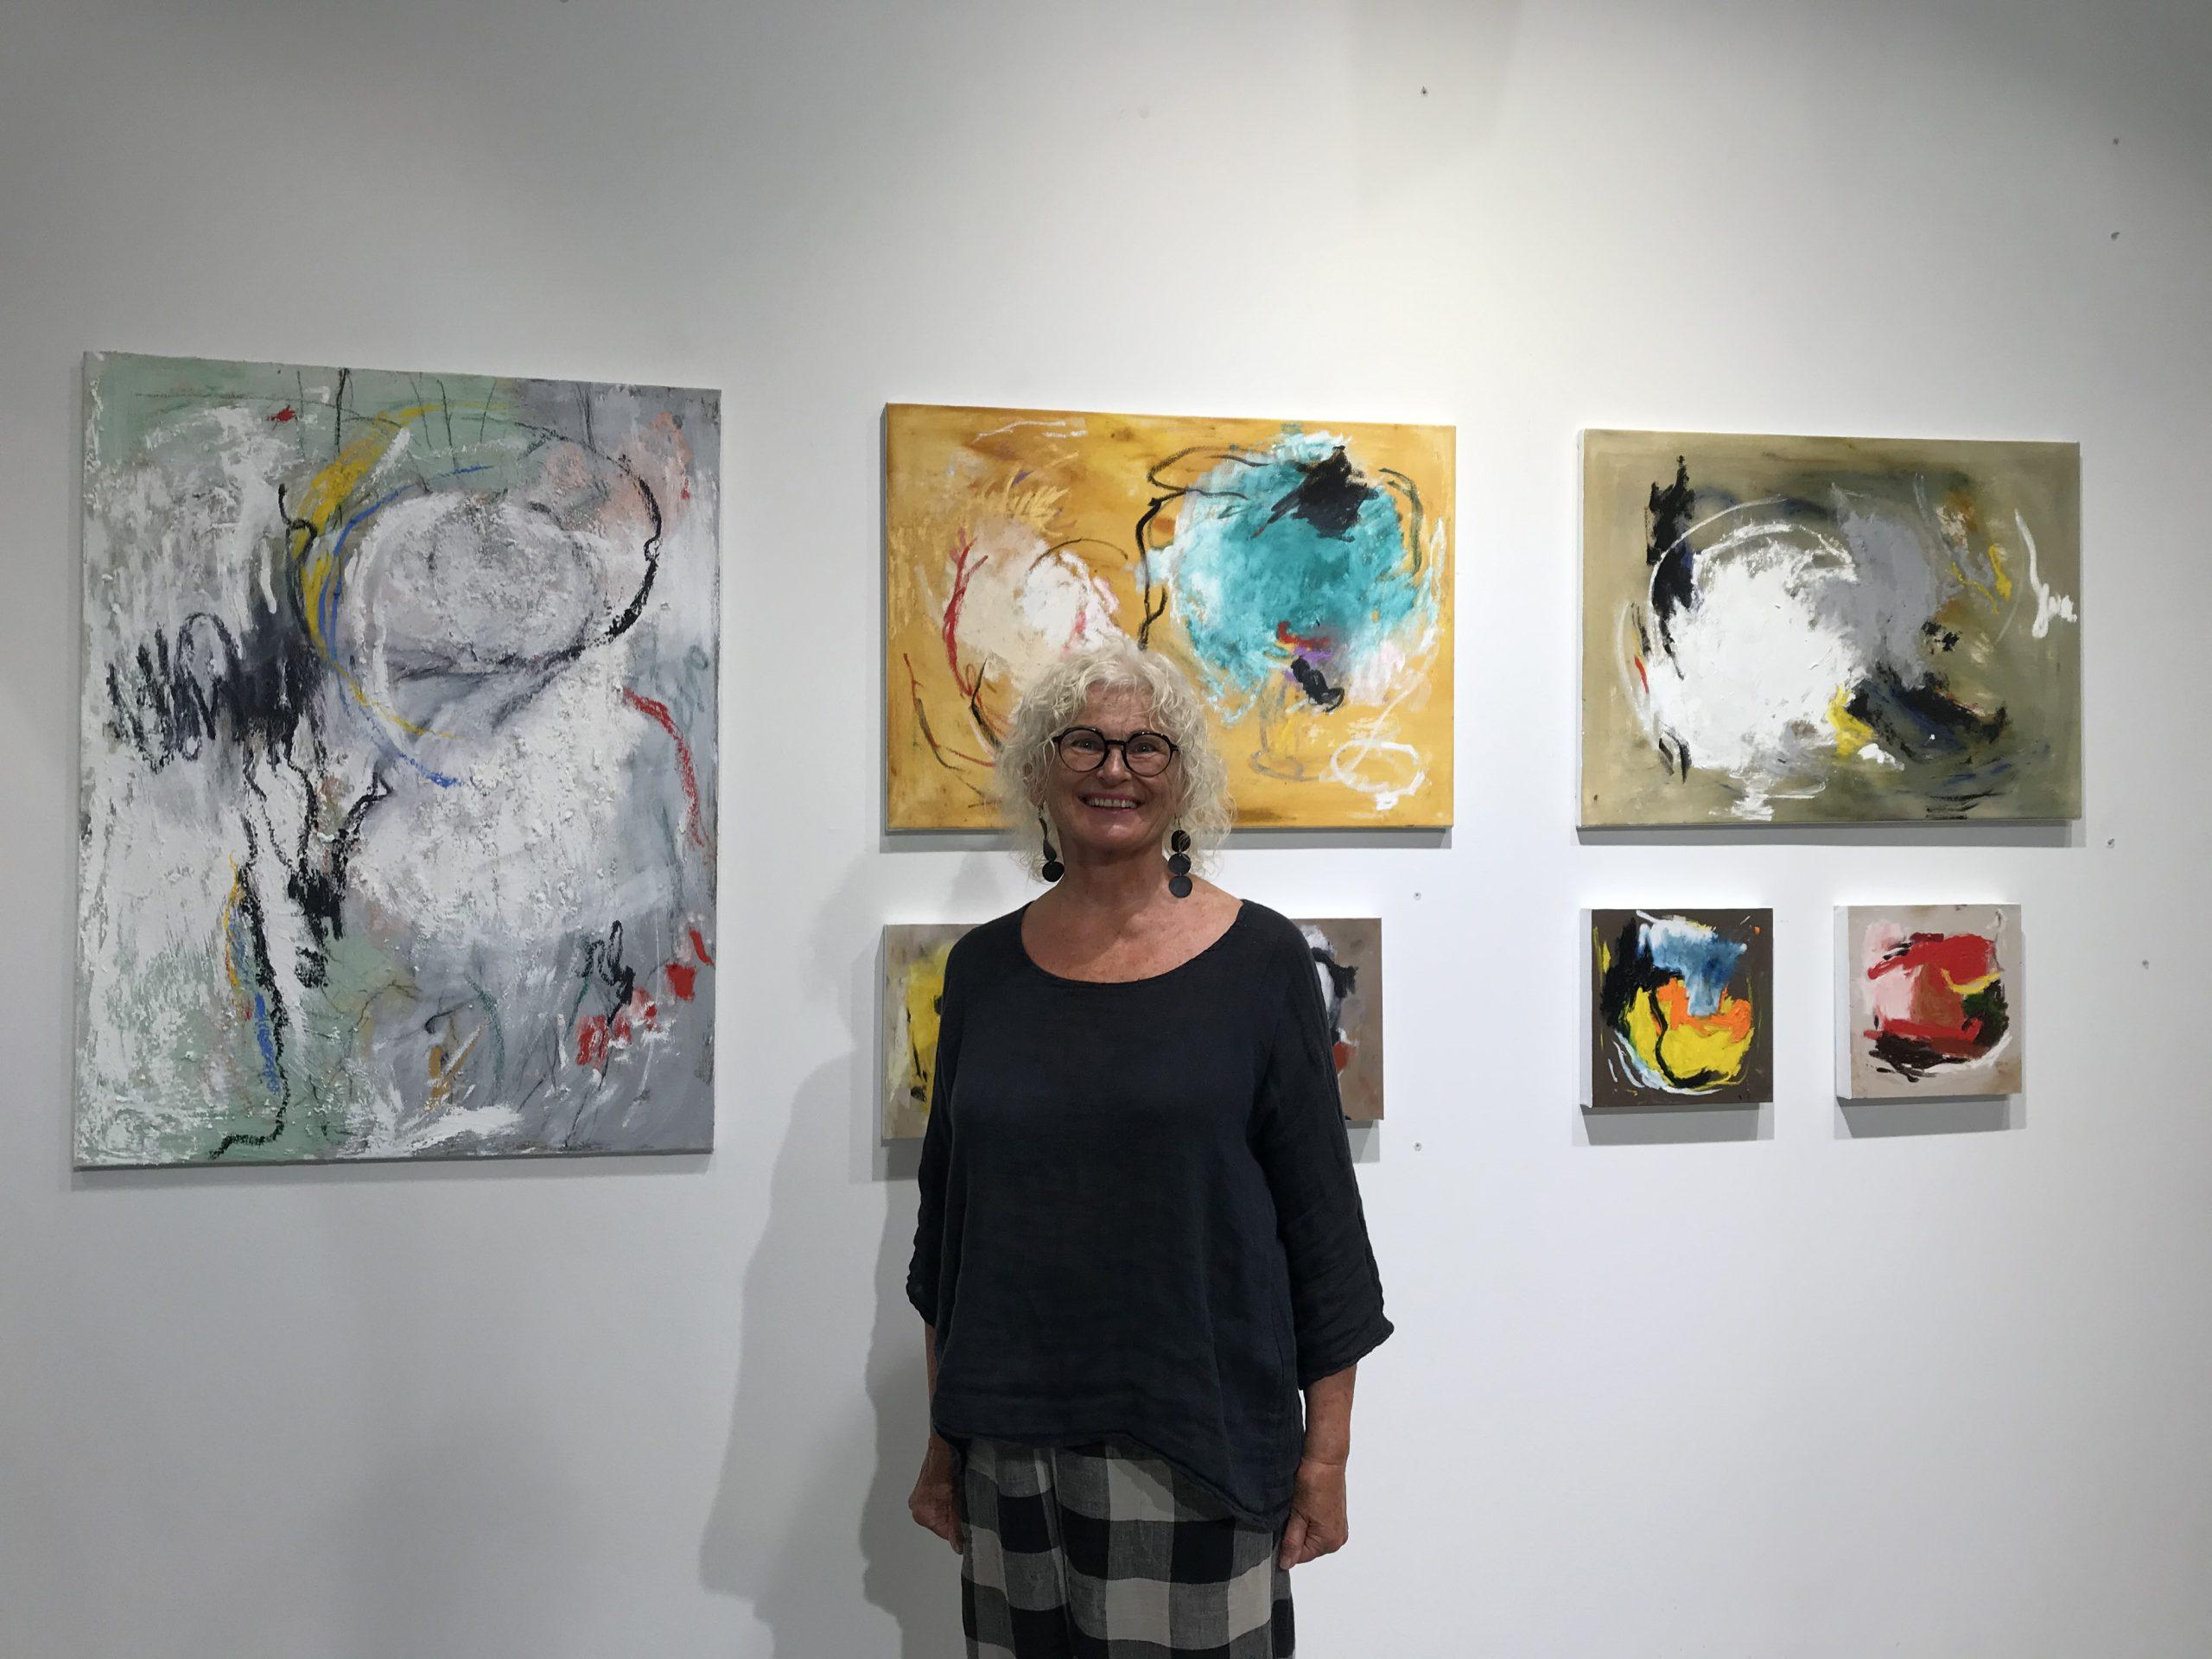 Heinäkuun kuukauden taiteilija: Maija Helin-Åvall